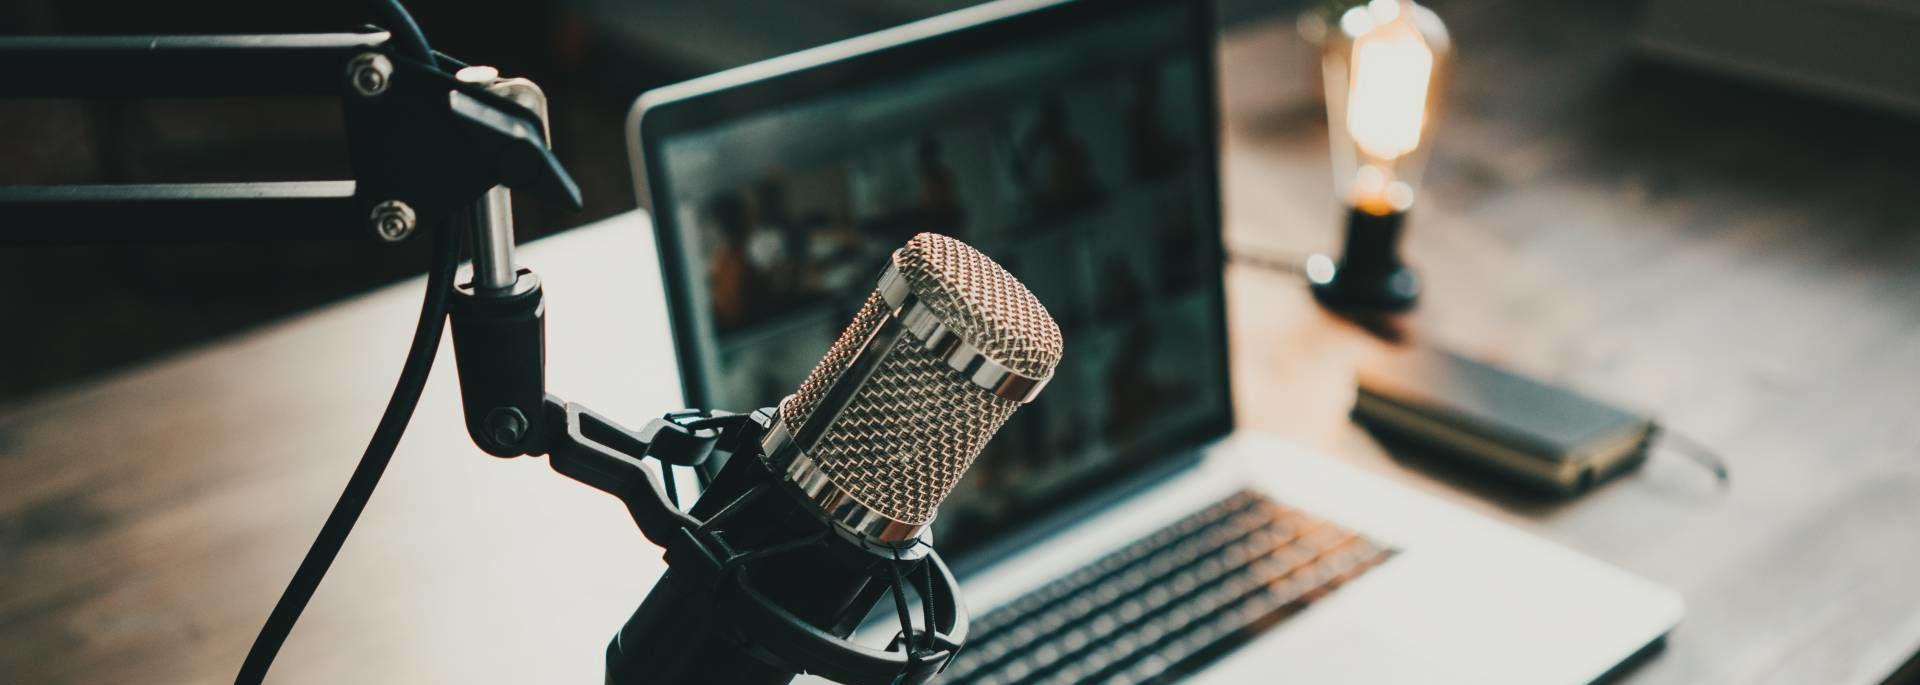 Mikrofon vor einem Laptop